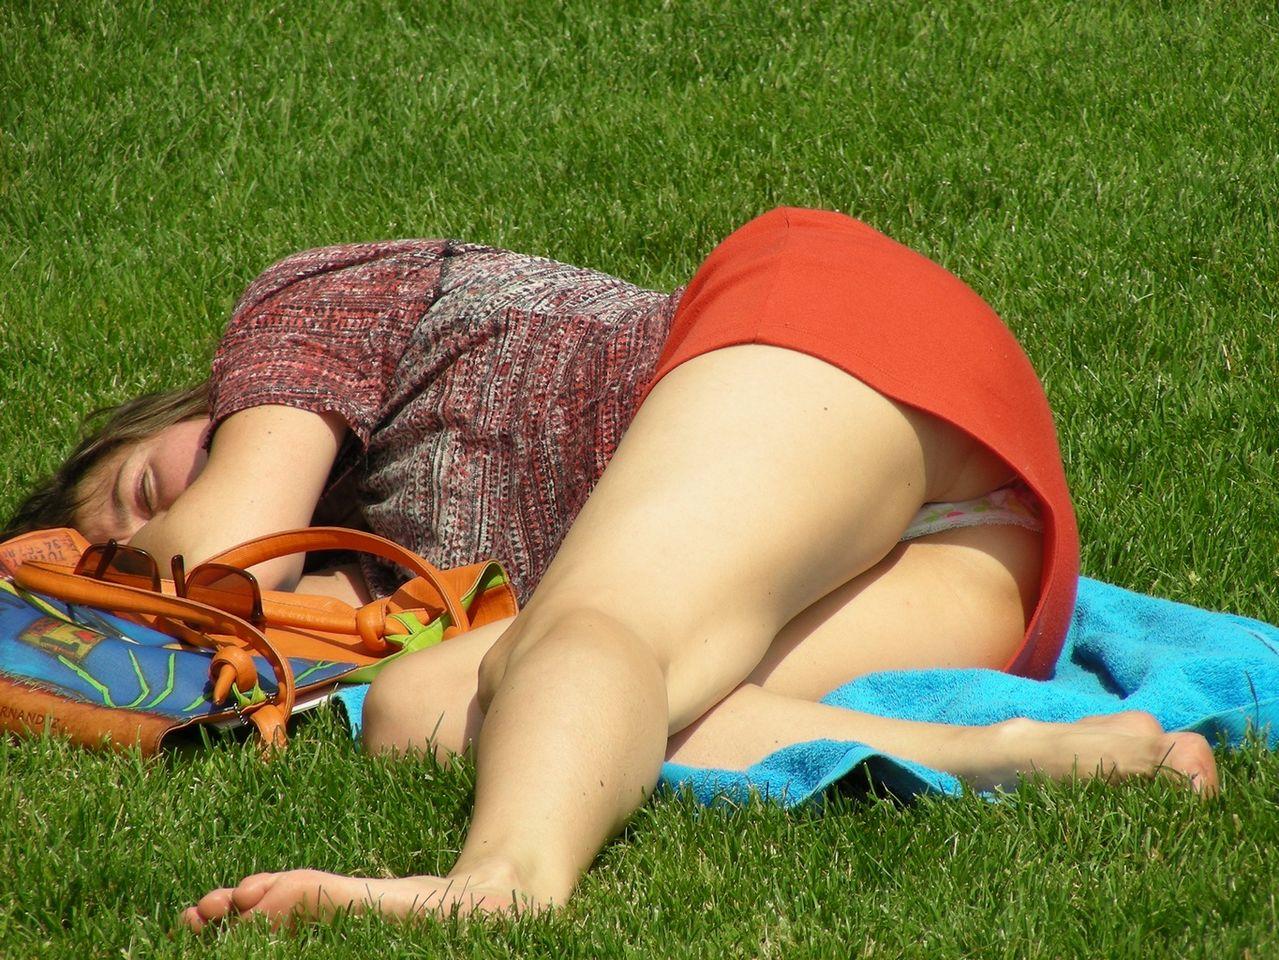 Молодая девушка засветила трусики под короткой красной юбкой